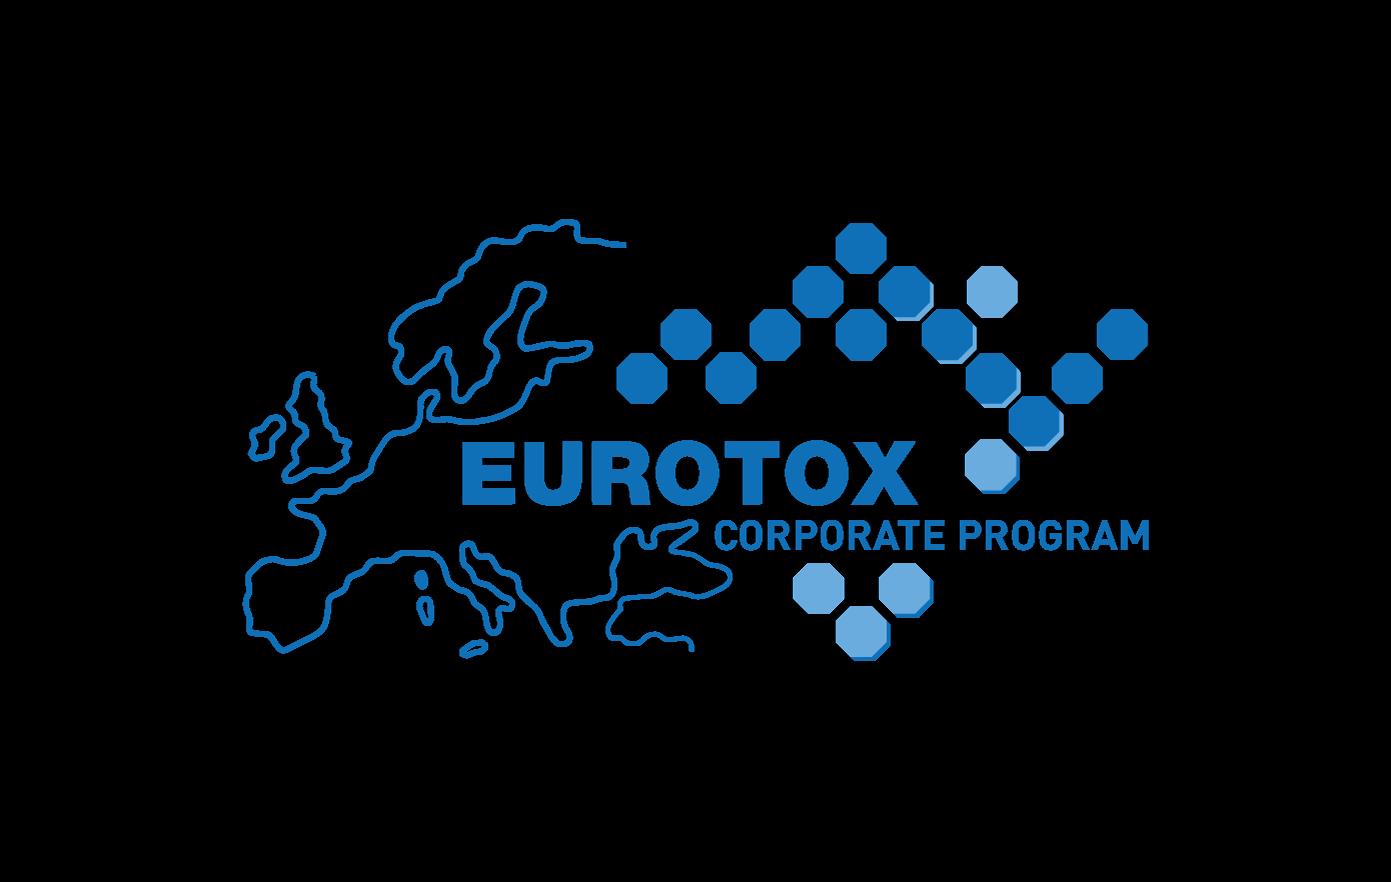 eurotox_corp_logo